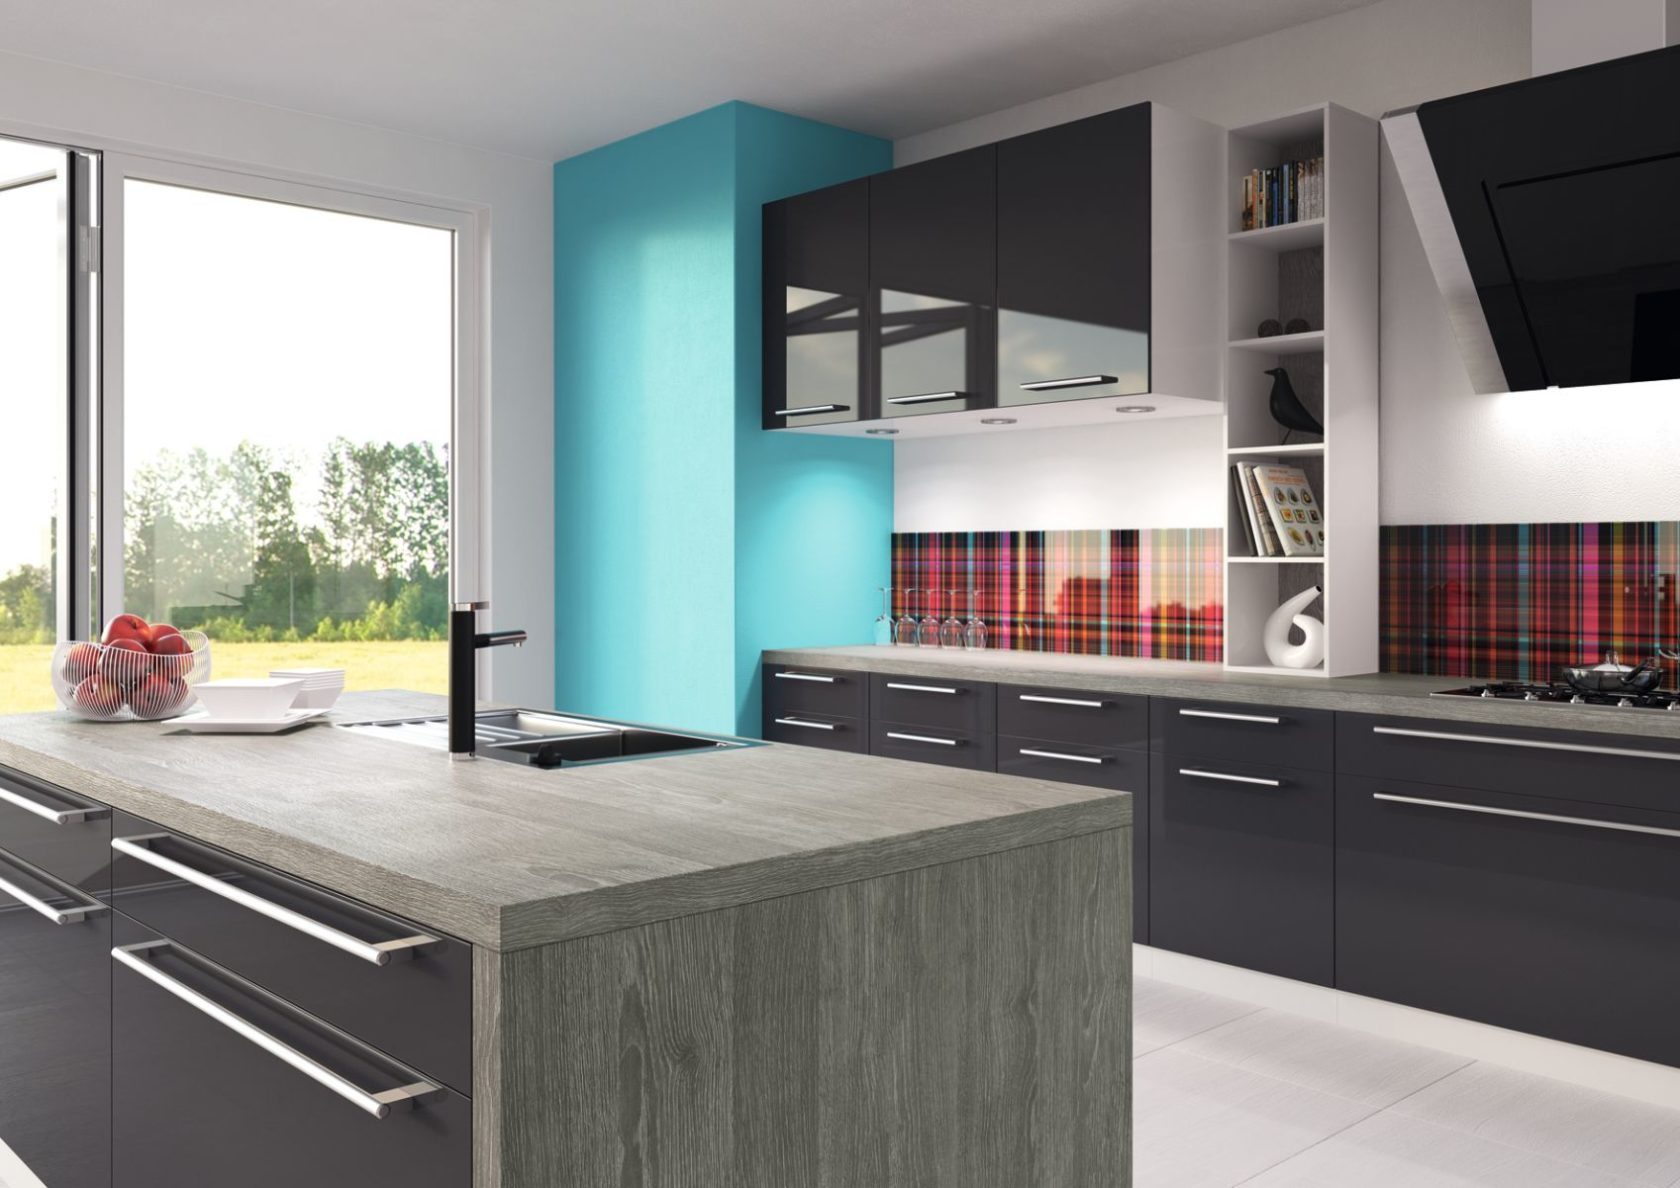 Küchen mit Naturstein, Glas und Laminat in allen Variationen ...